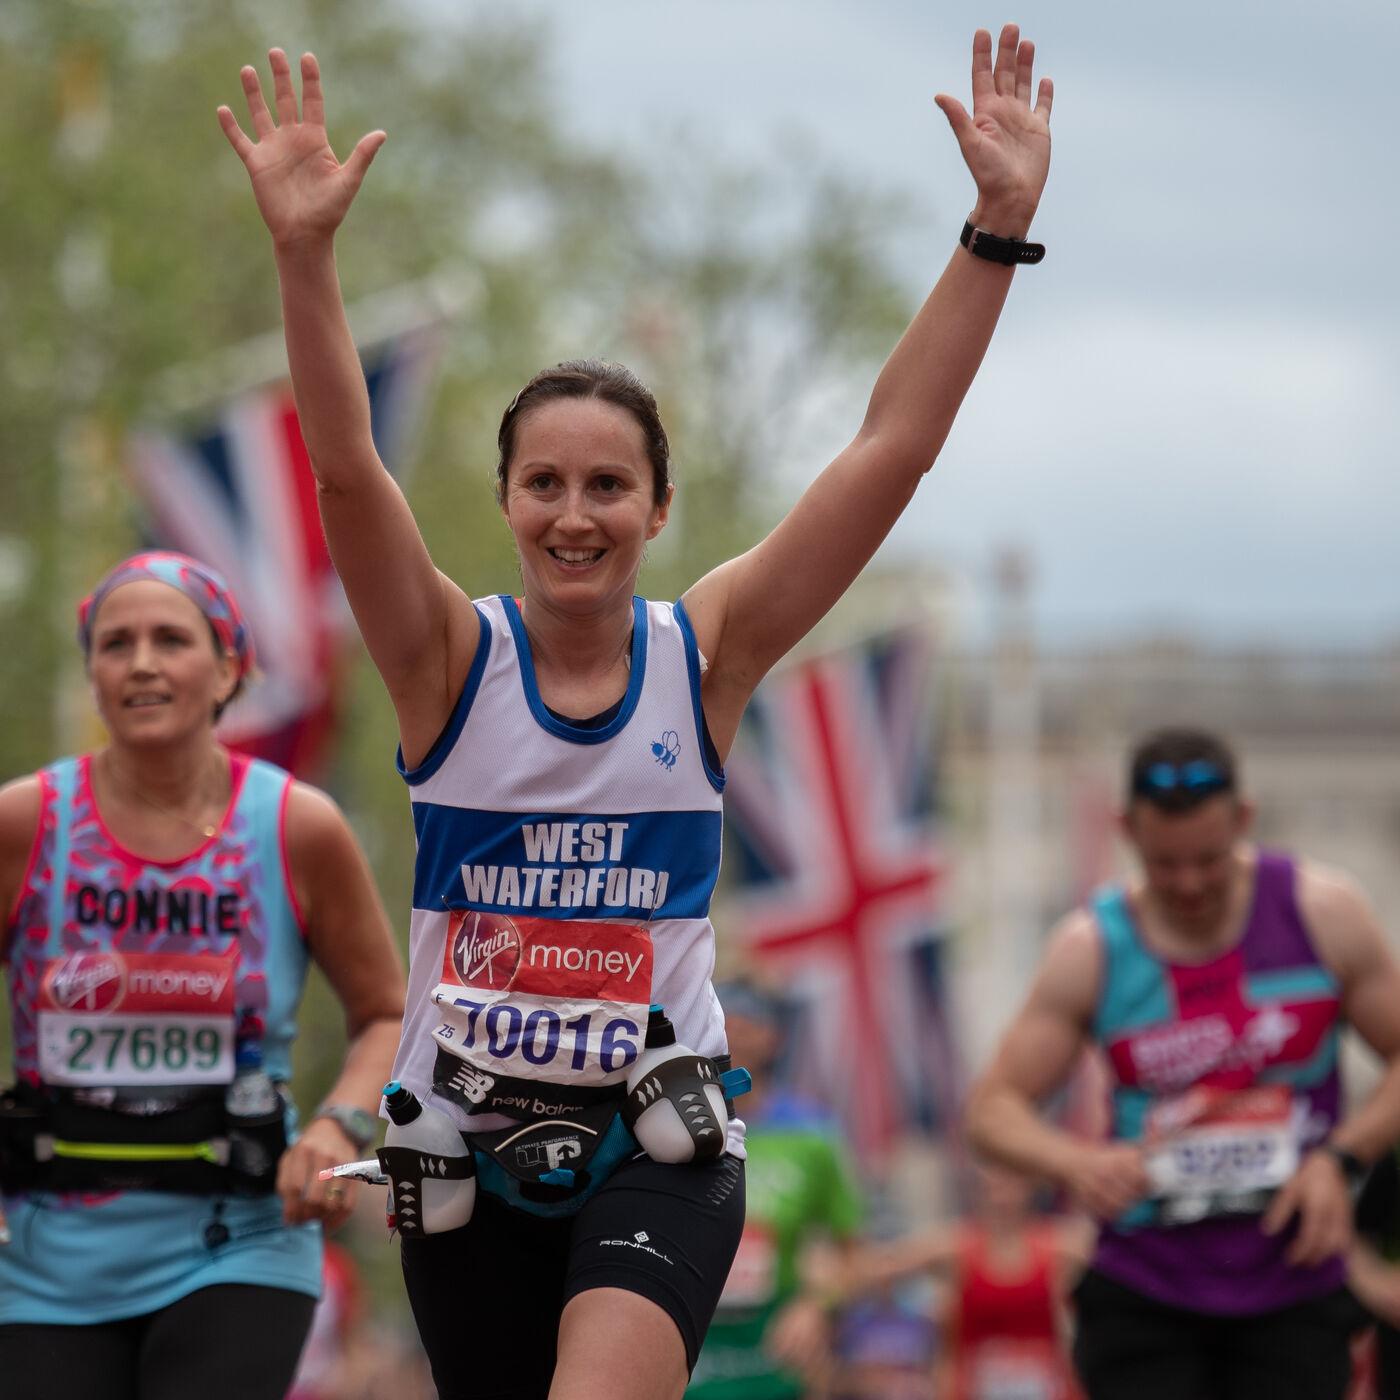 Ep 253 - Turning London Marathon sustainable with Megan Hunt